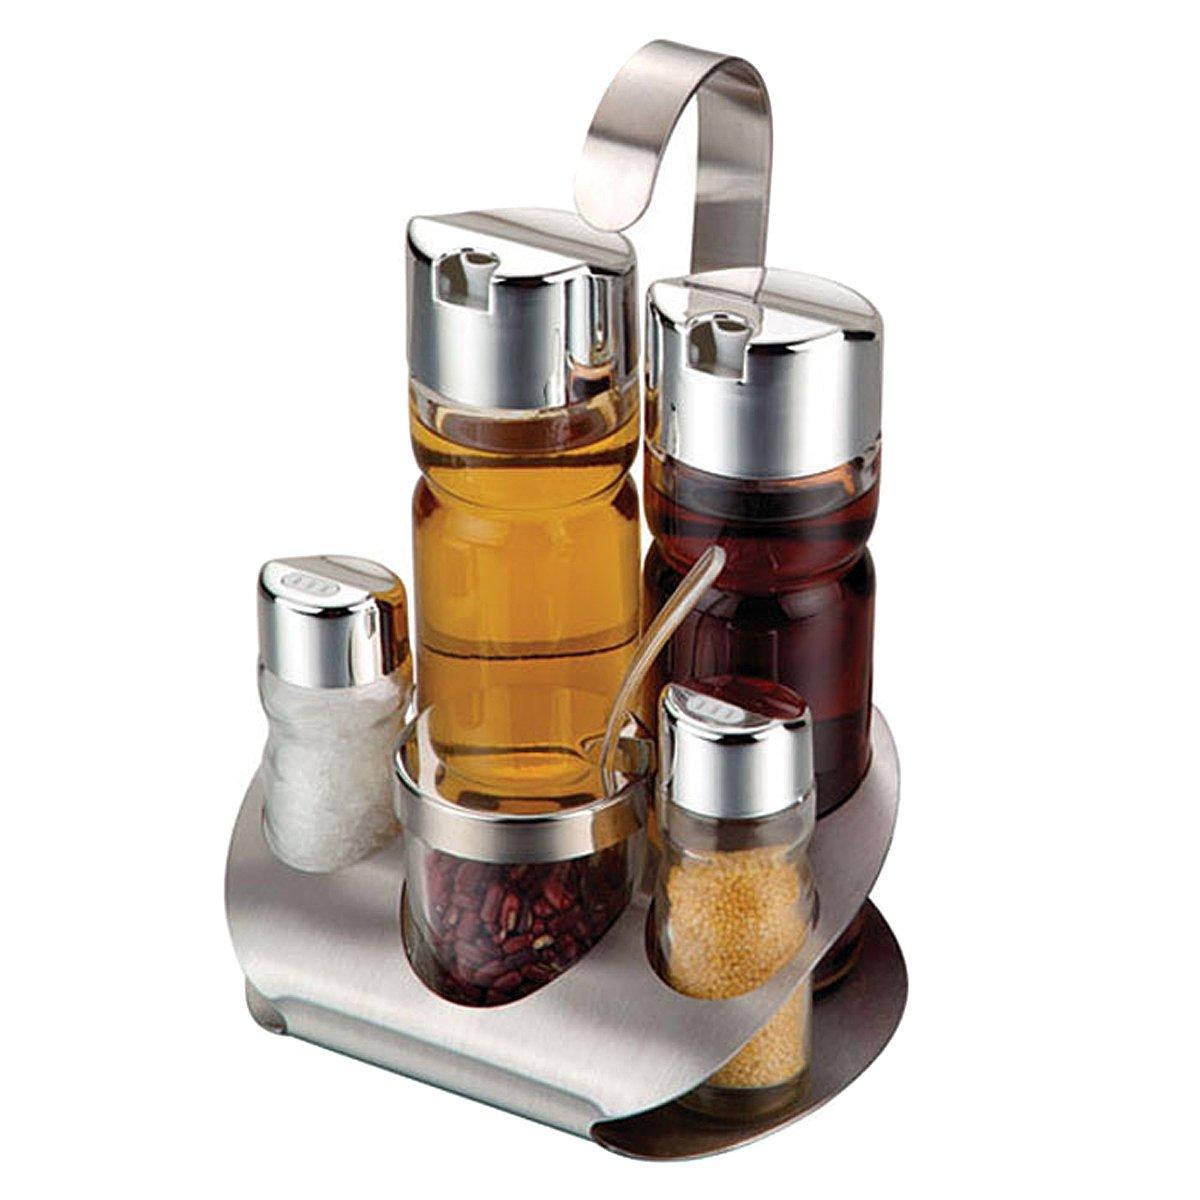 VDOMUS Glass Cruet Set with Stand Oil Vinegar Dispenser Salt and Pepper Shaker Bottles Serving Set Picnic Table Condiment Server Holder, 5 piece